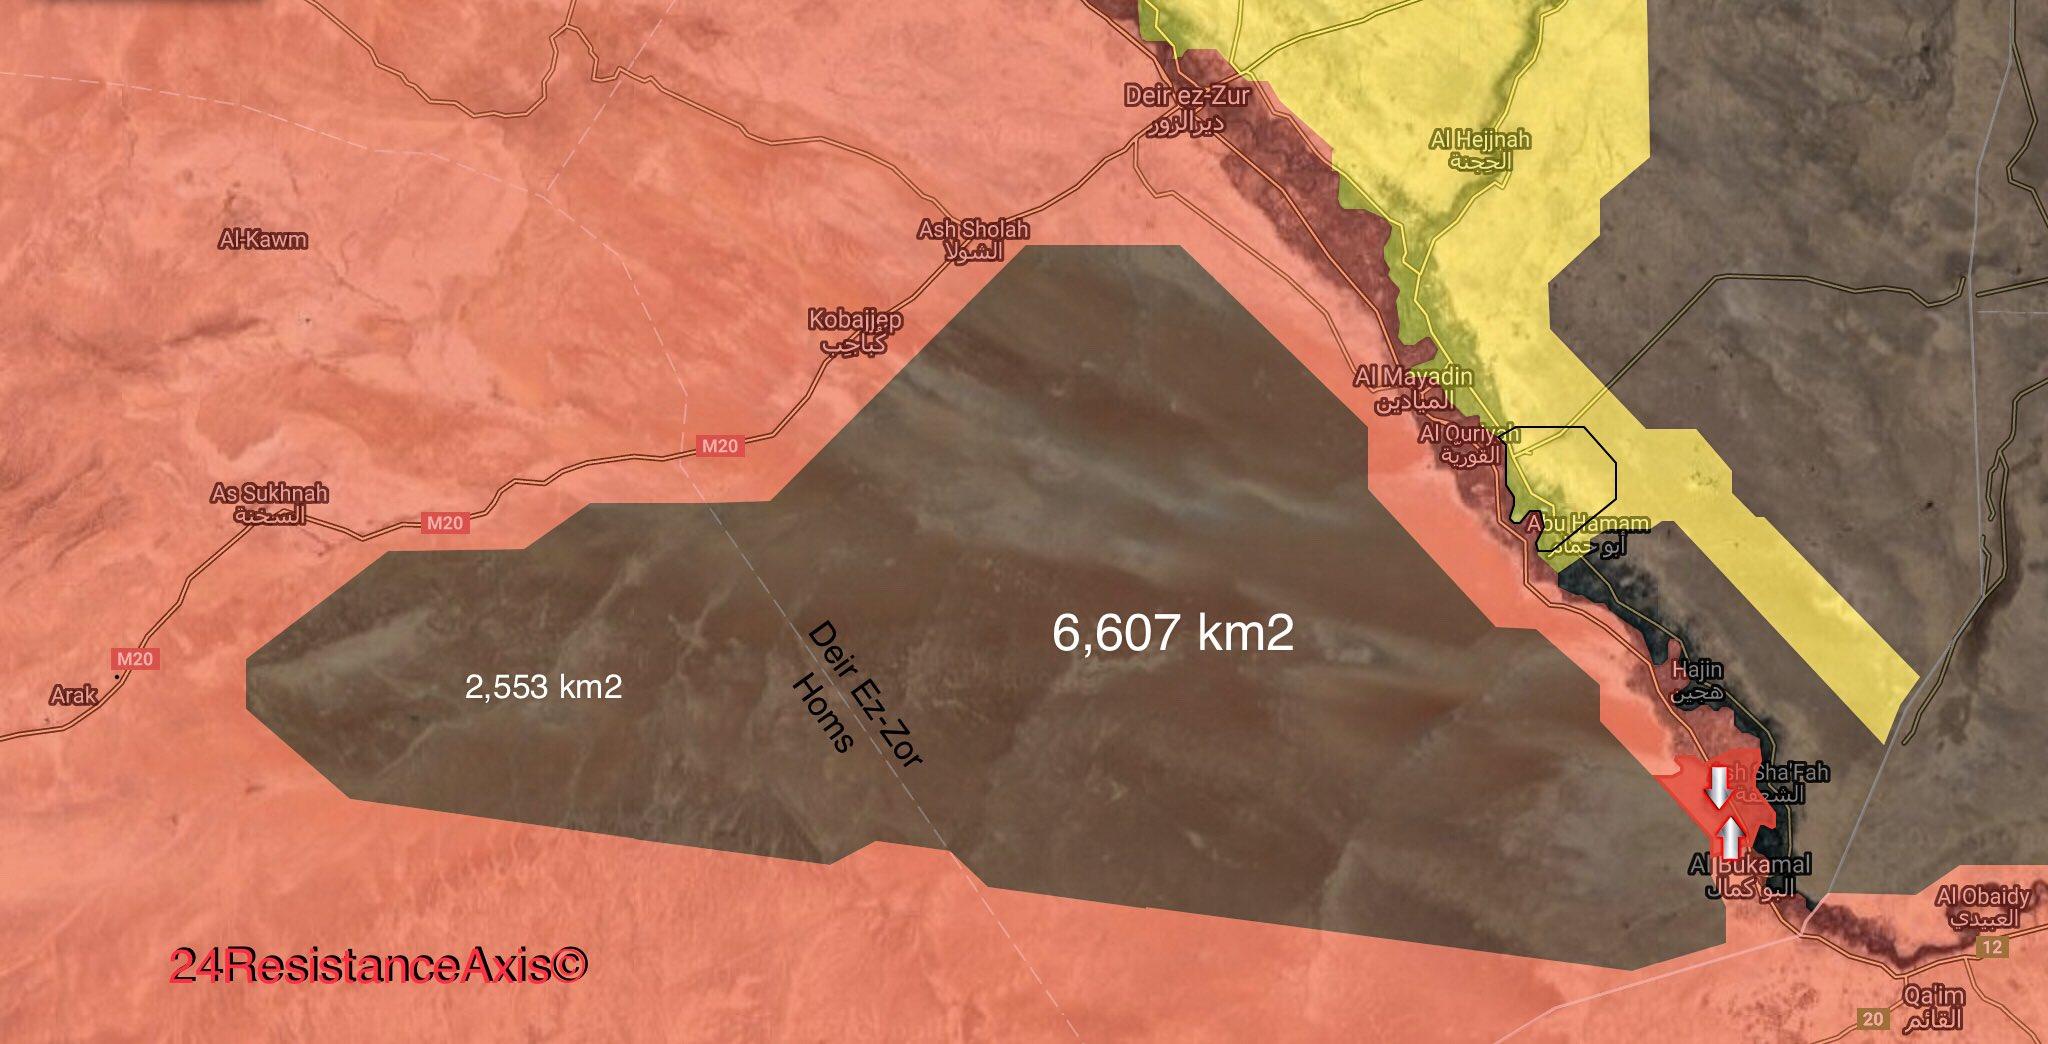 Всего каких то 6 000 км 2, под контролем боевиков, провинция Дейр-аз-Зор, граница с Иракам